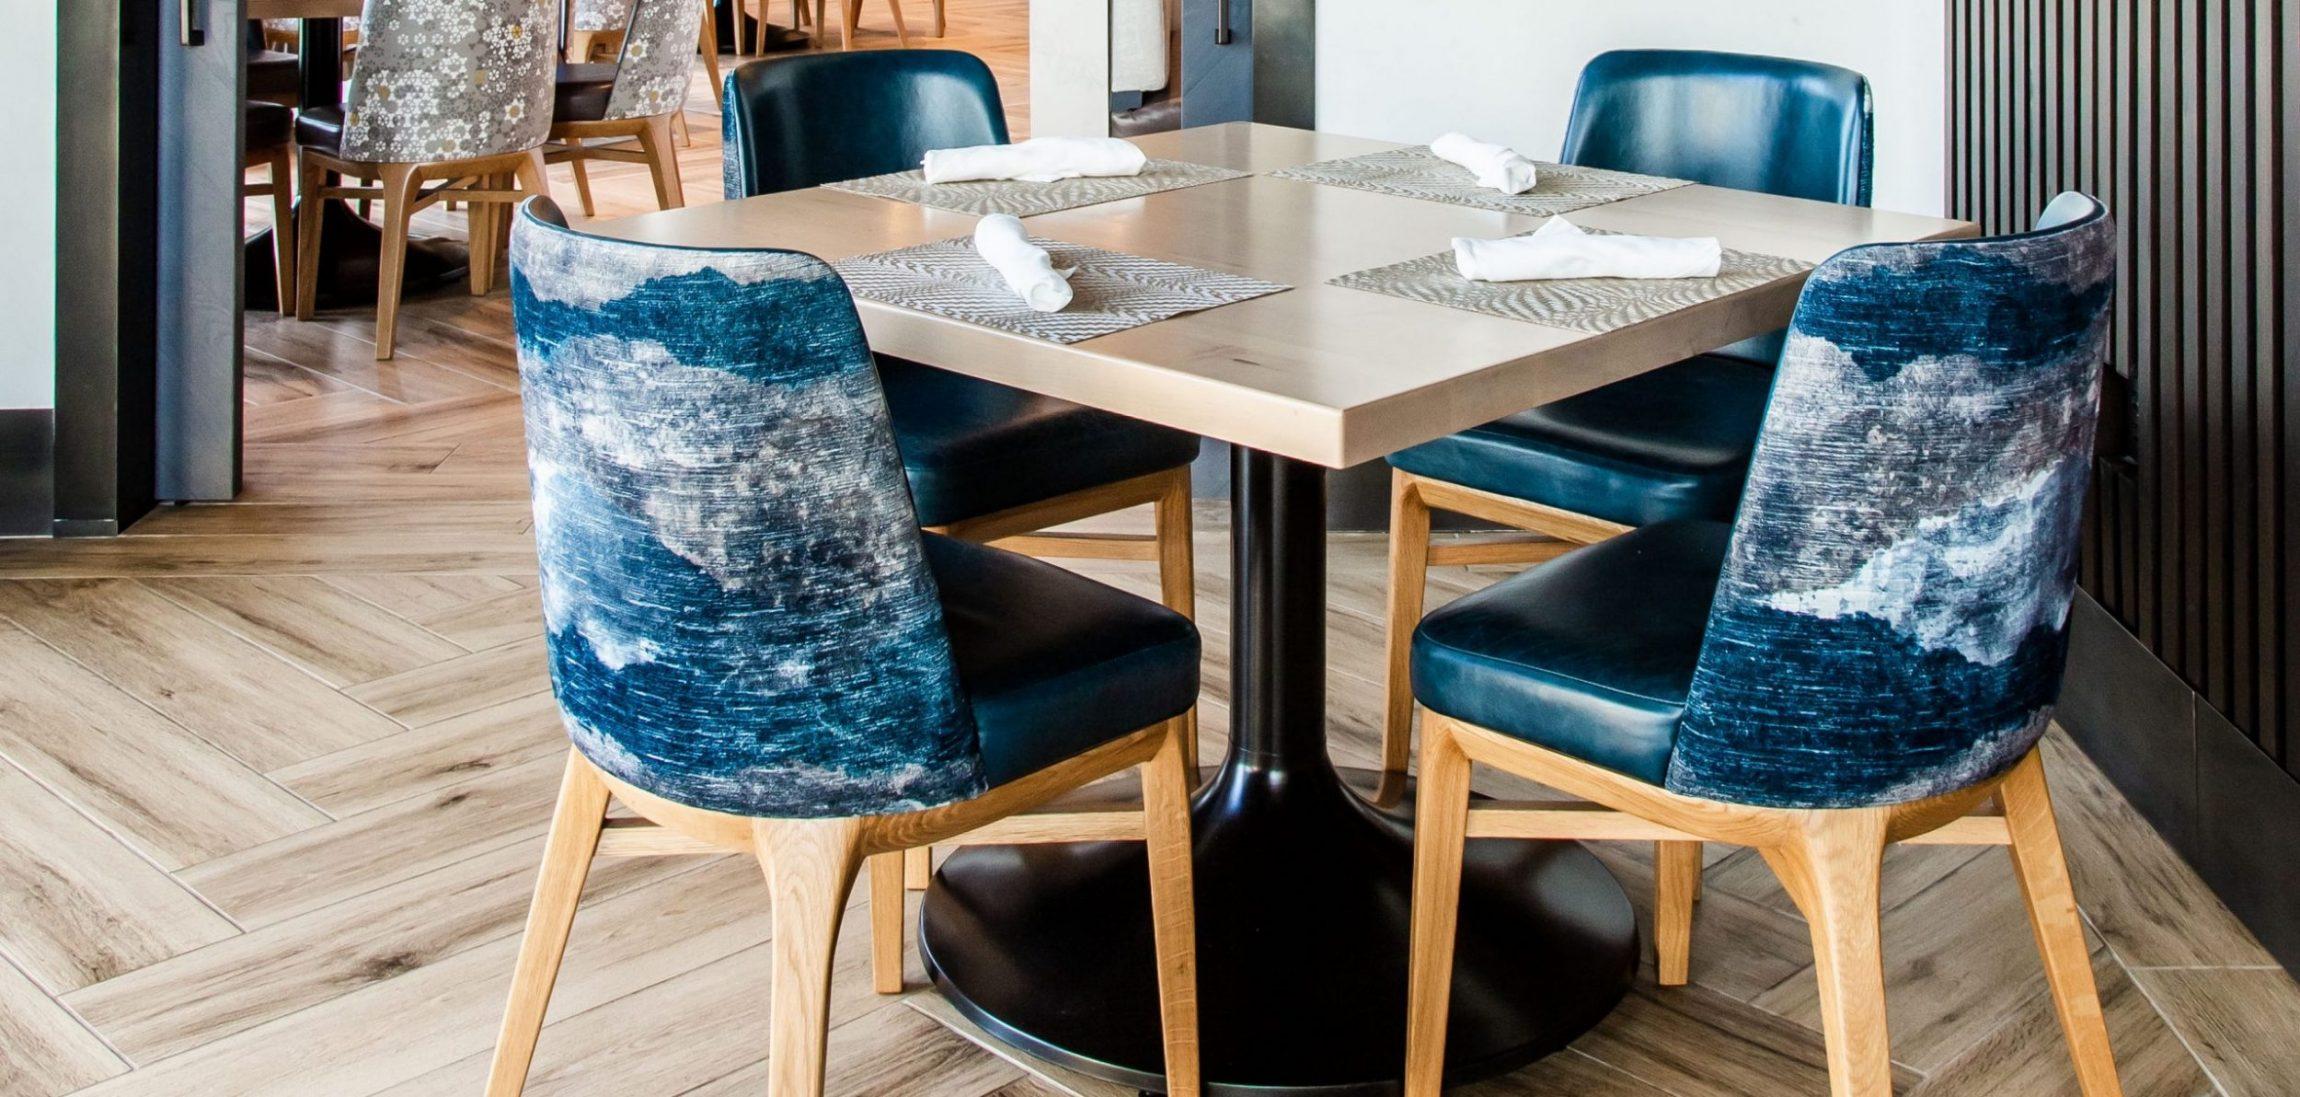 Custom Hotel Furniture / Hotel Guest Room Furniture / Hotel Restaurant Furniture